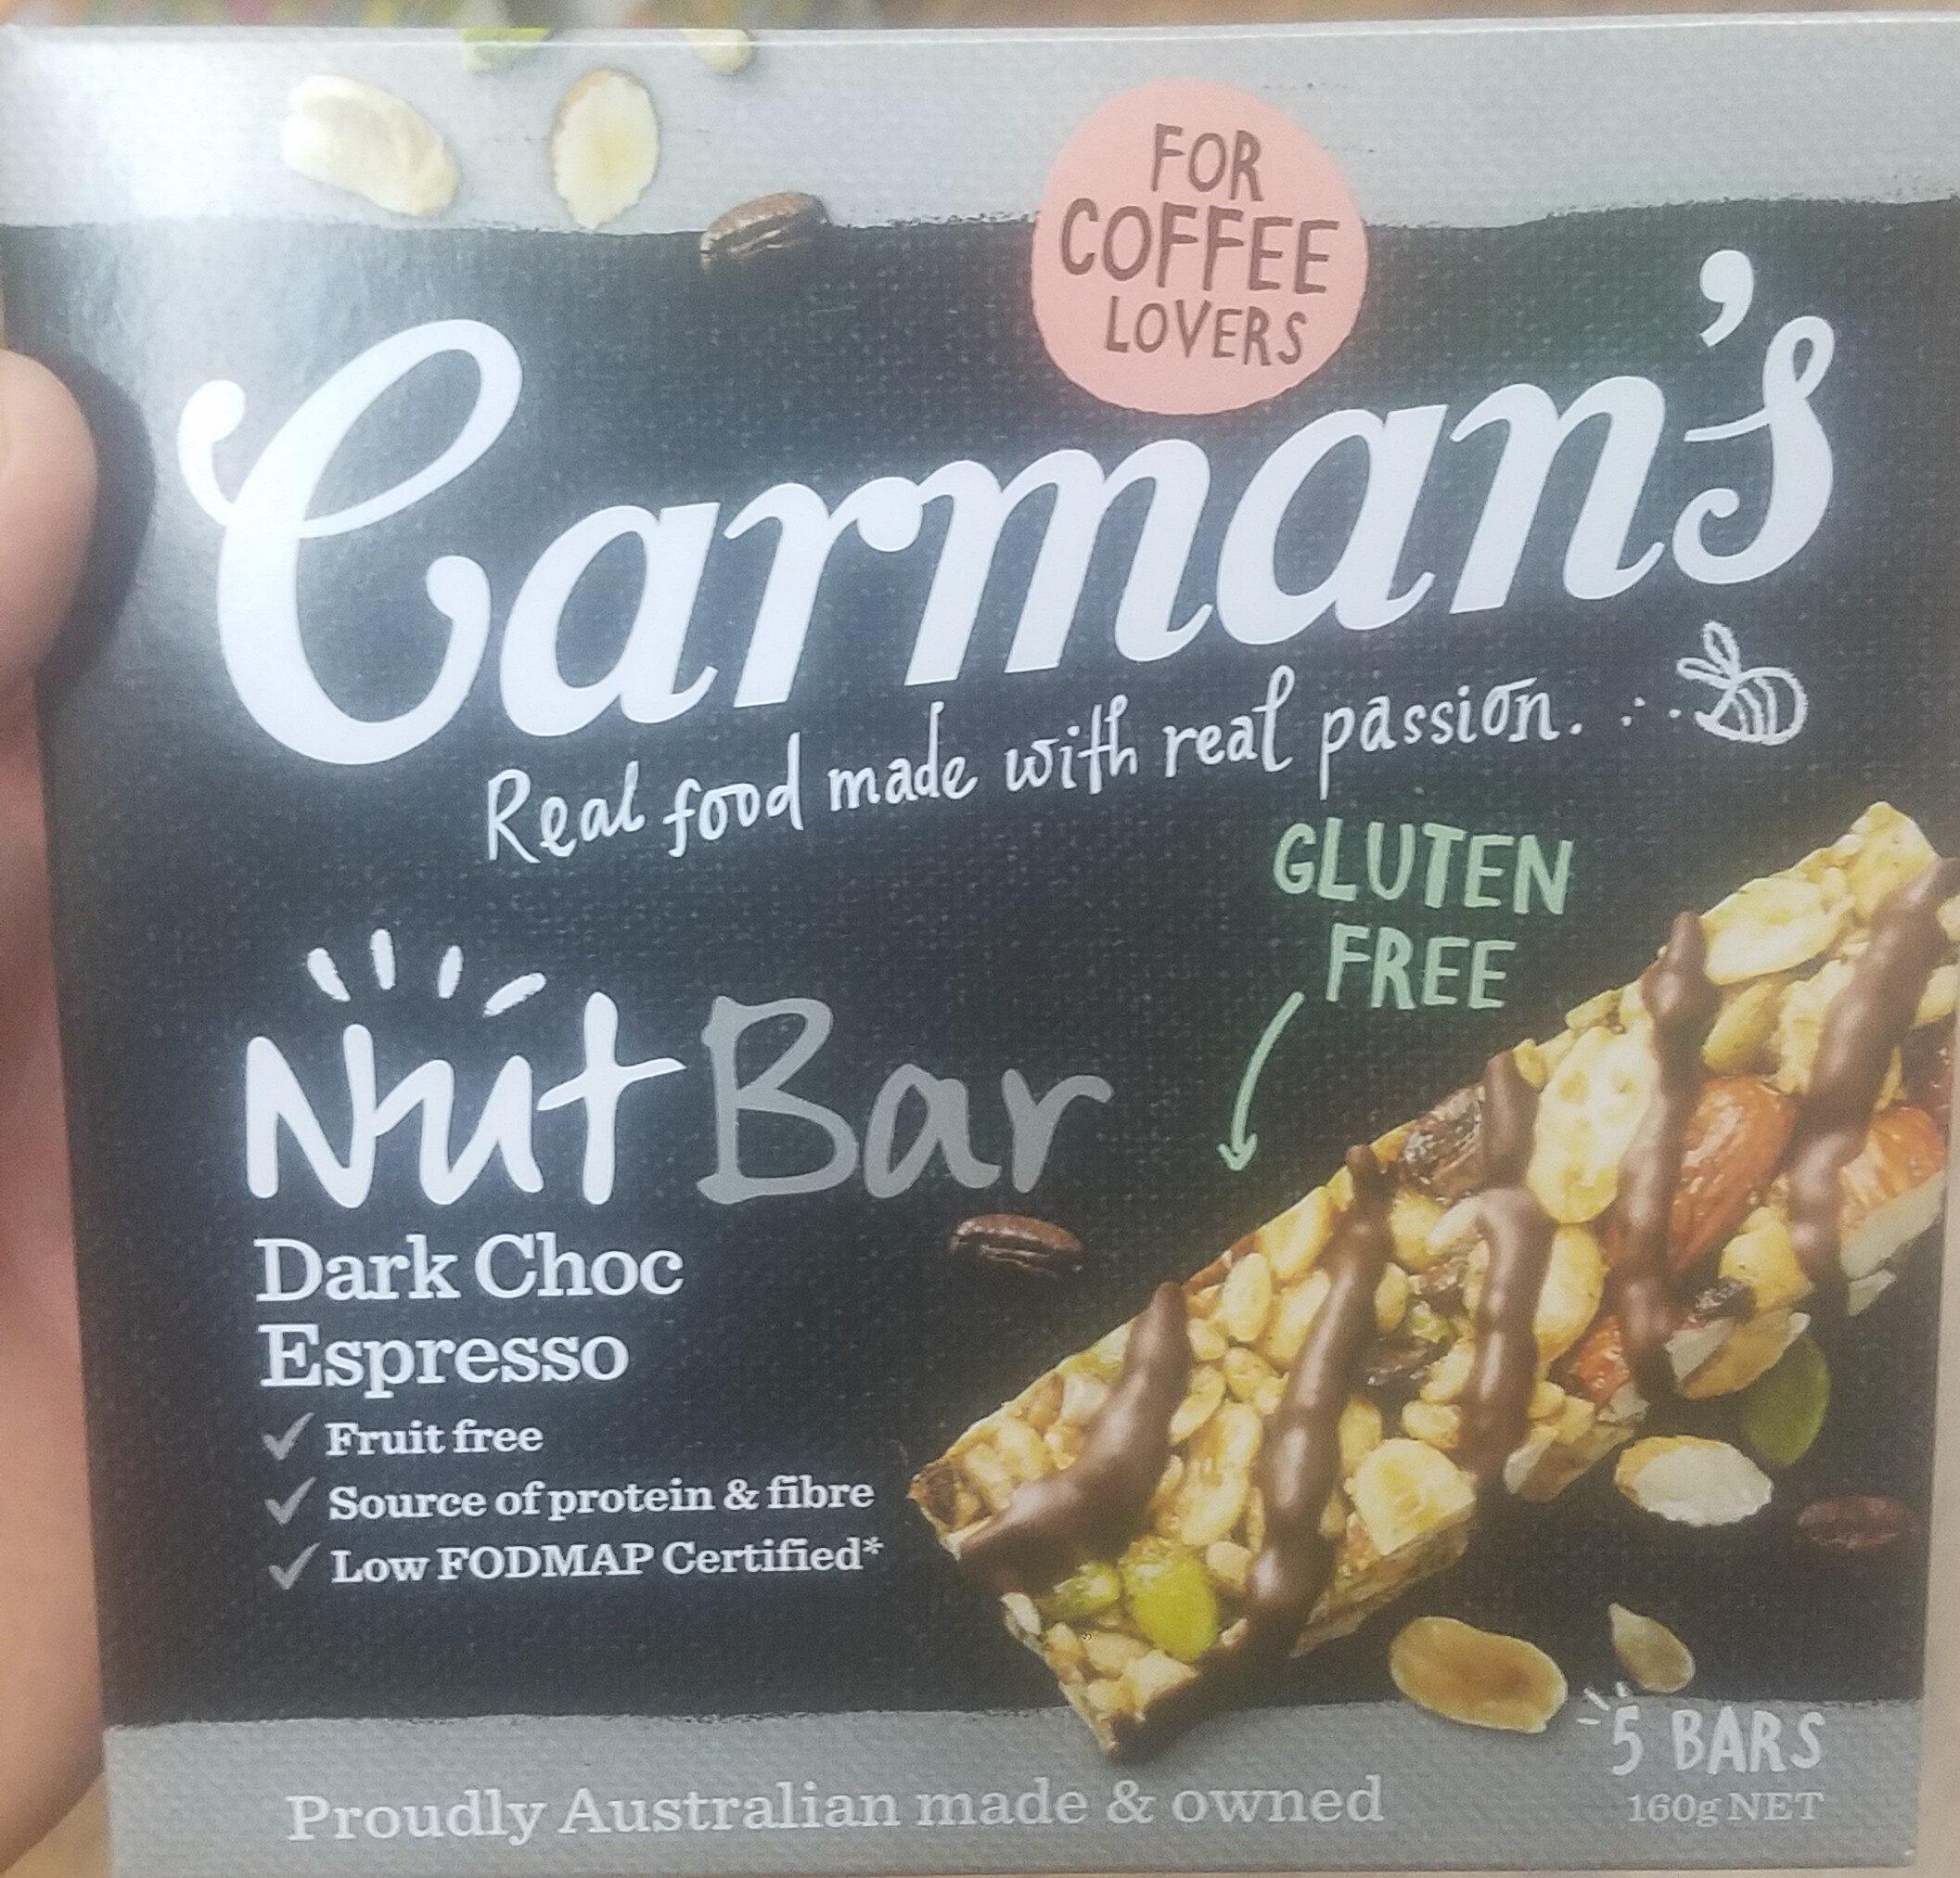 Nut Bar Dark Choc Espresso - Product